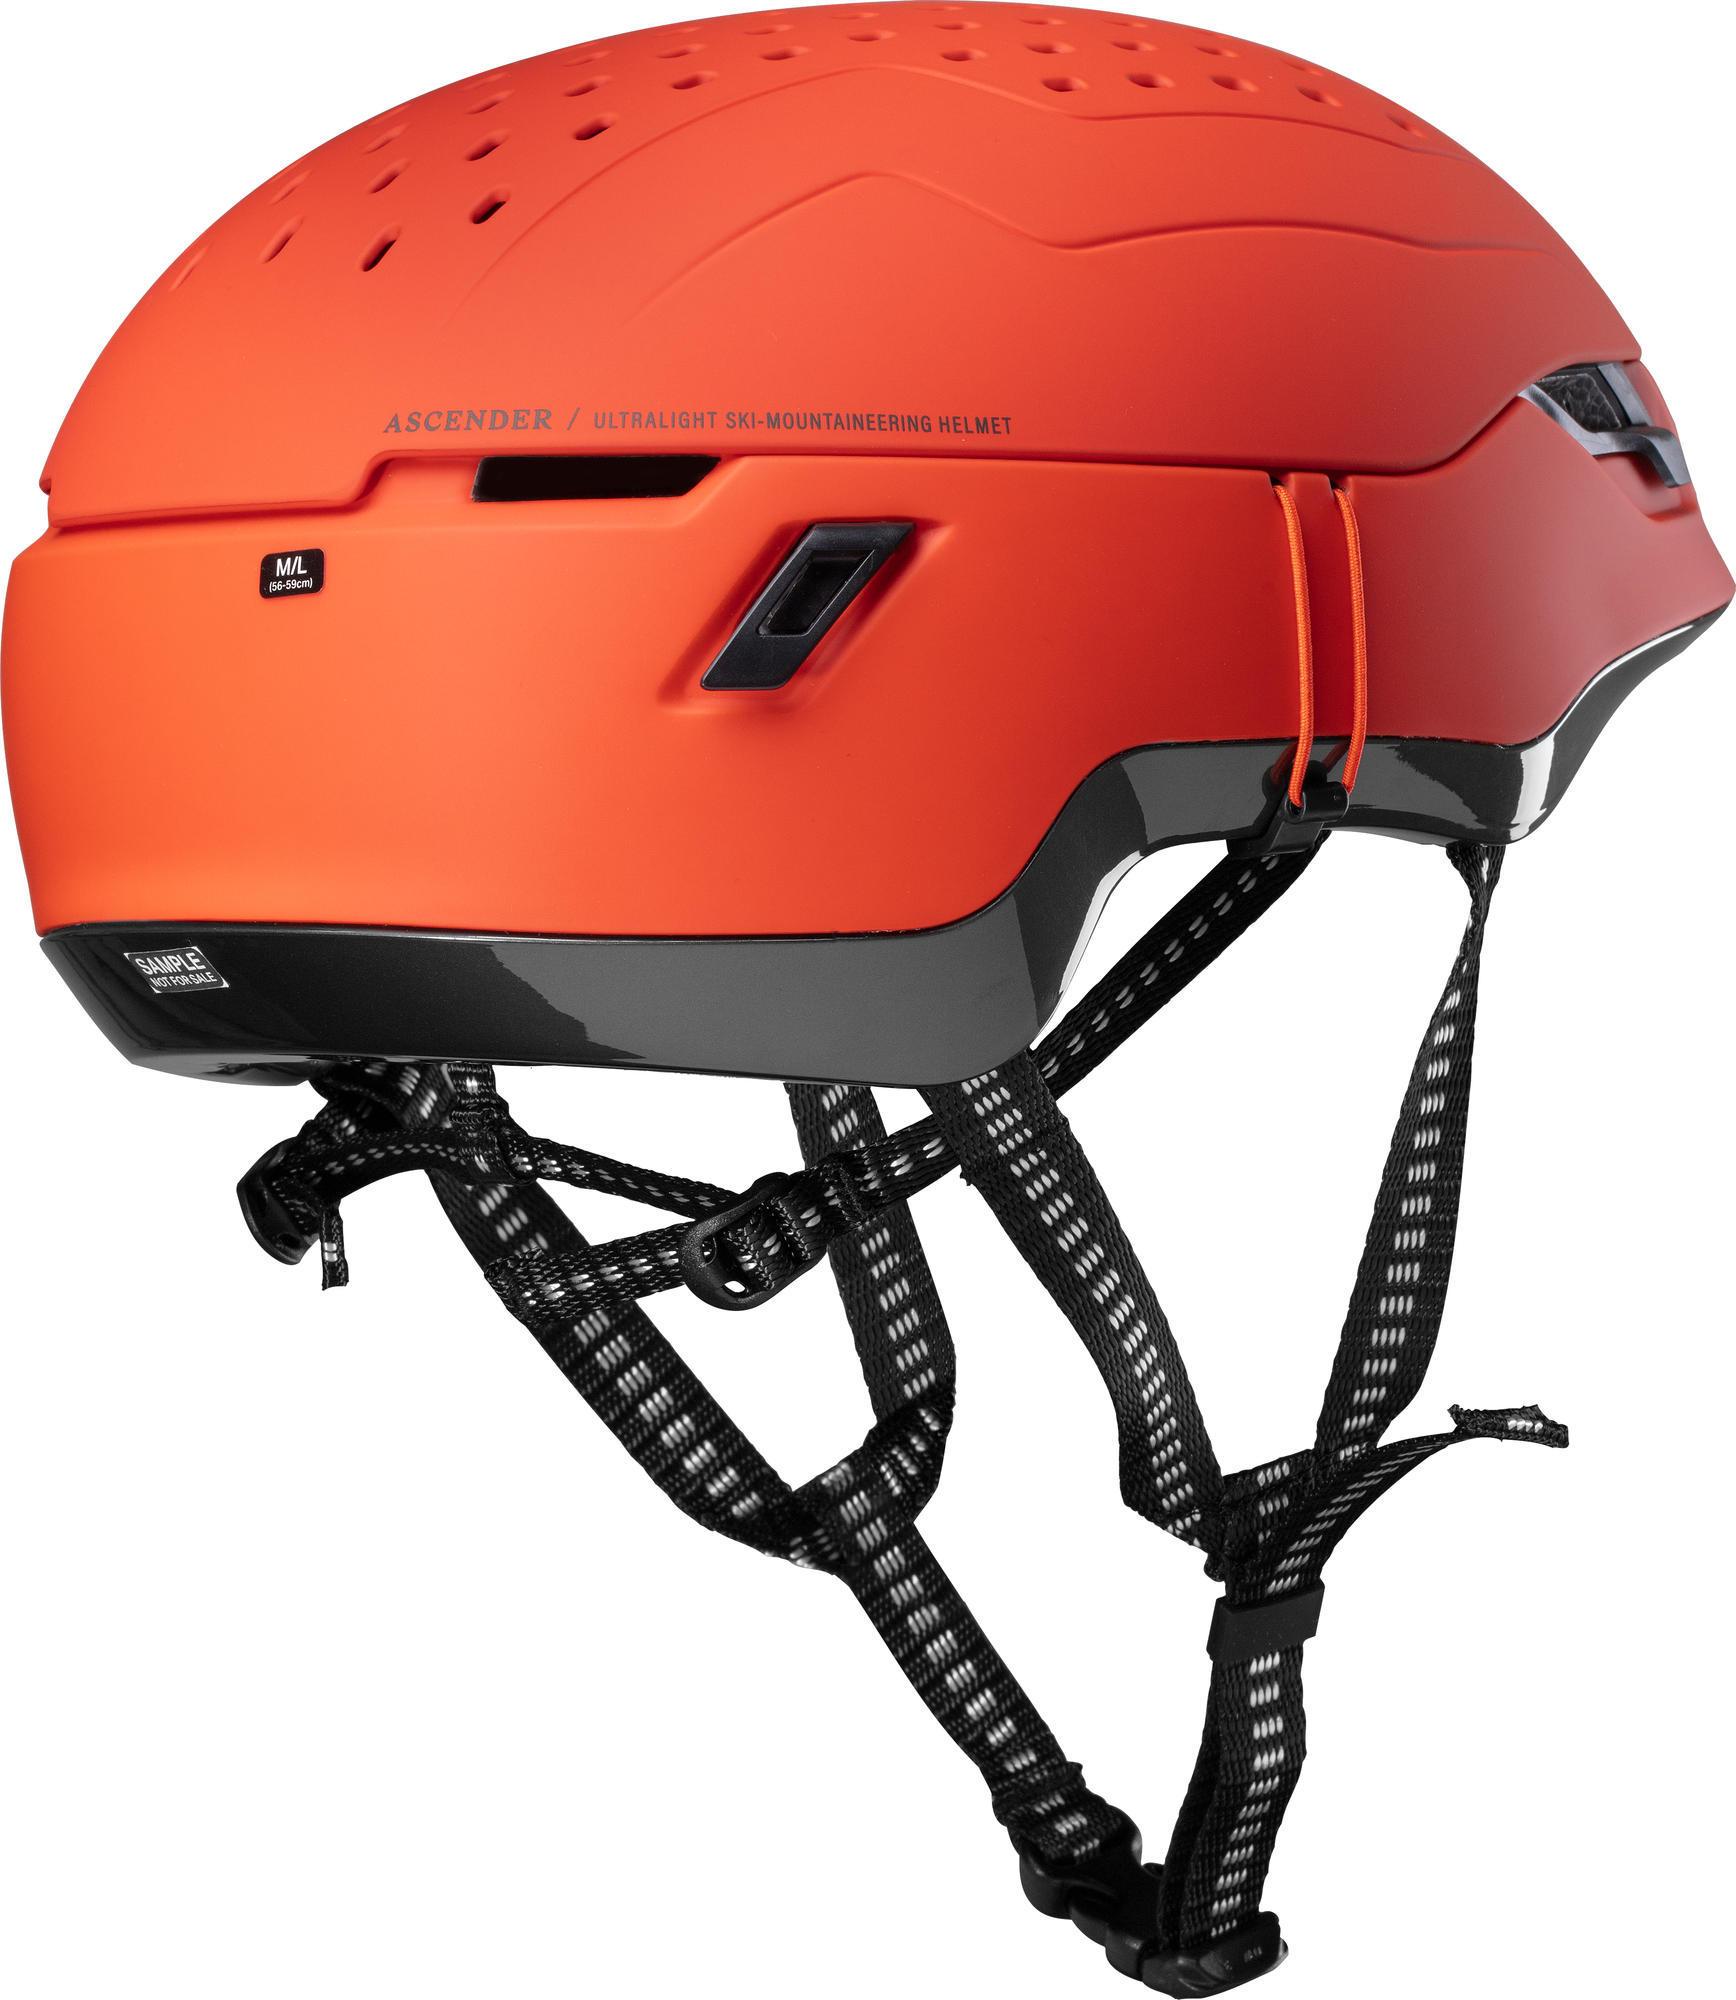 helma Sweet Protection ascender-orange II.jpg